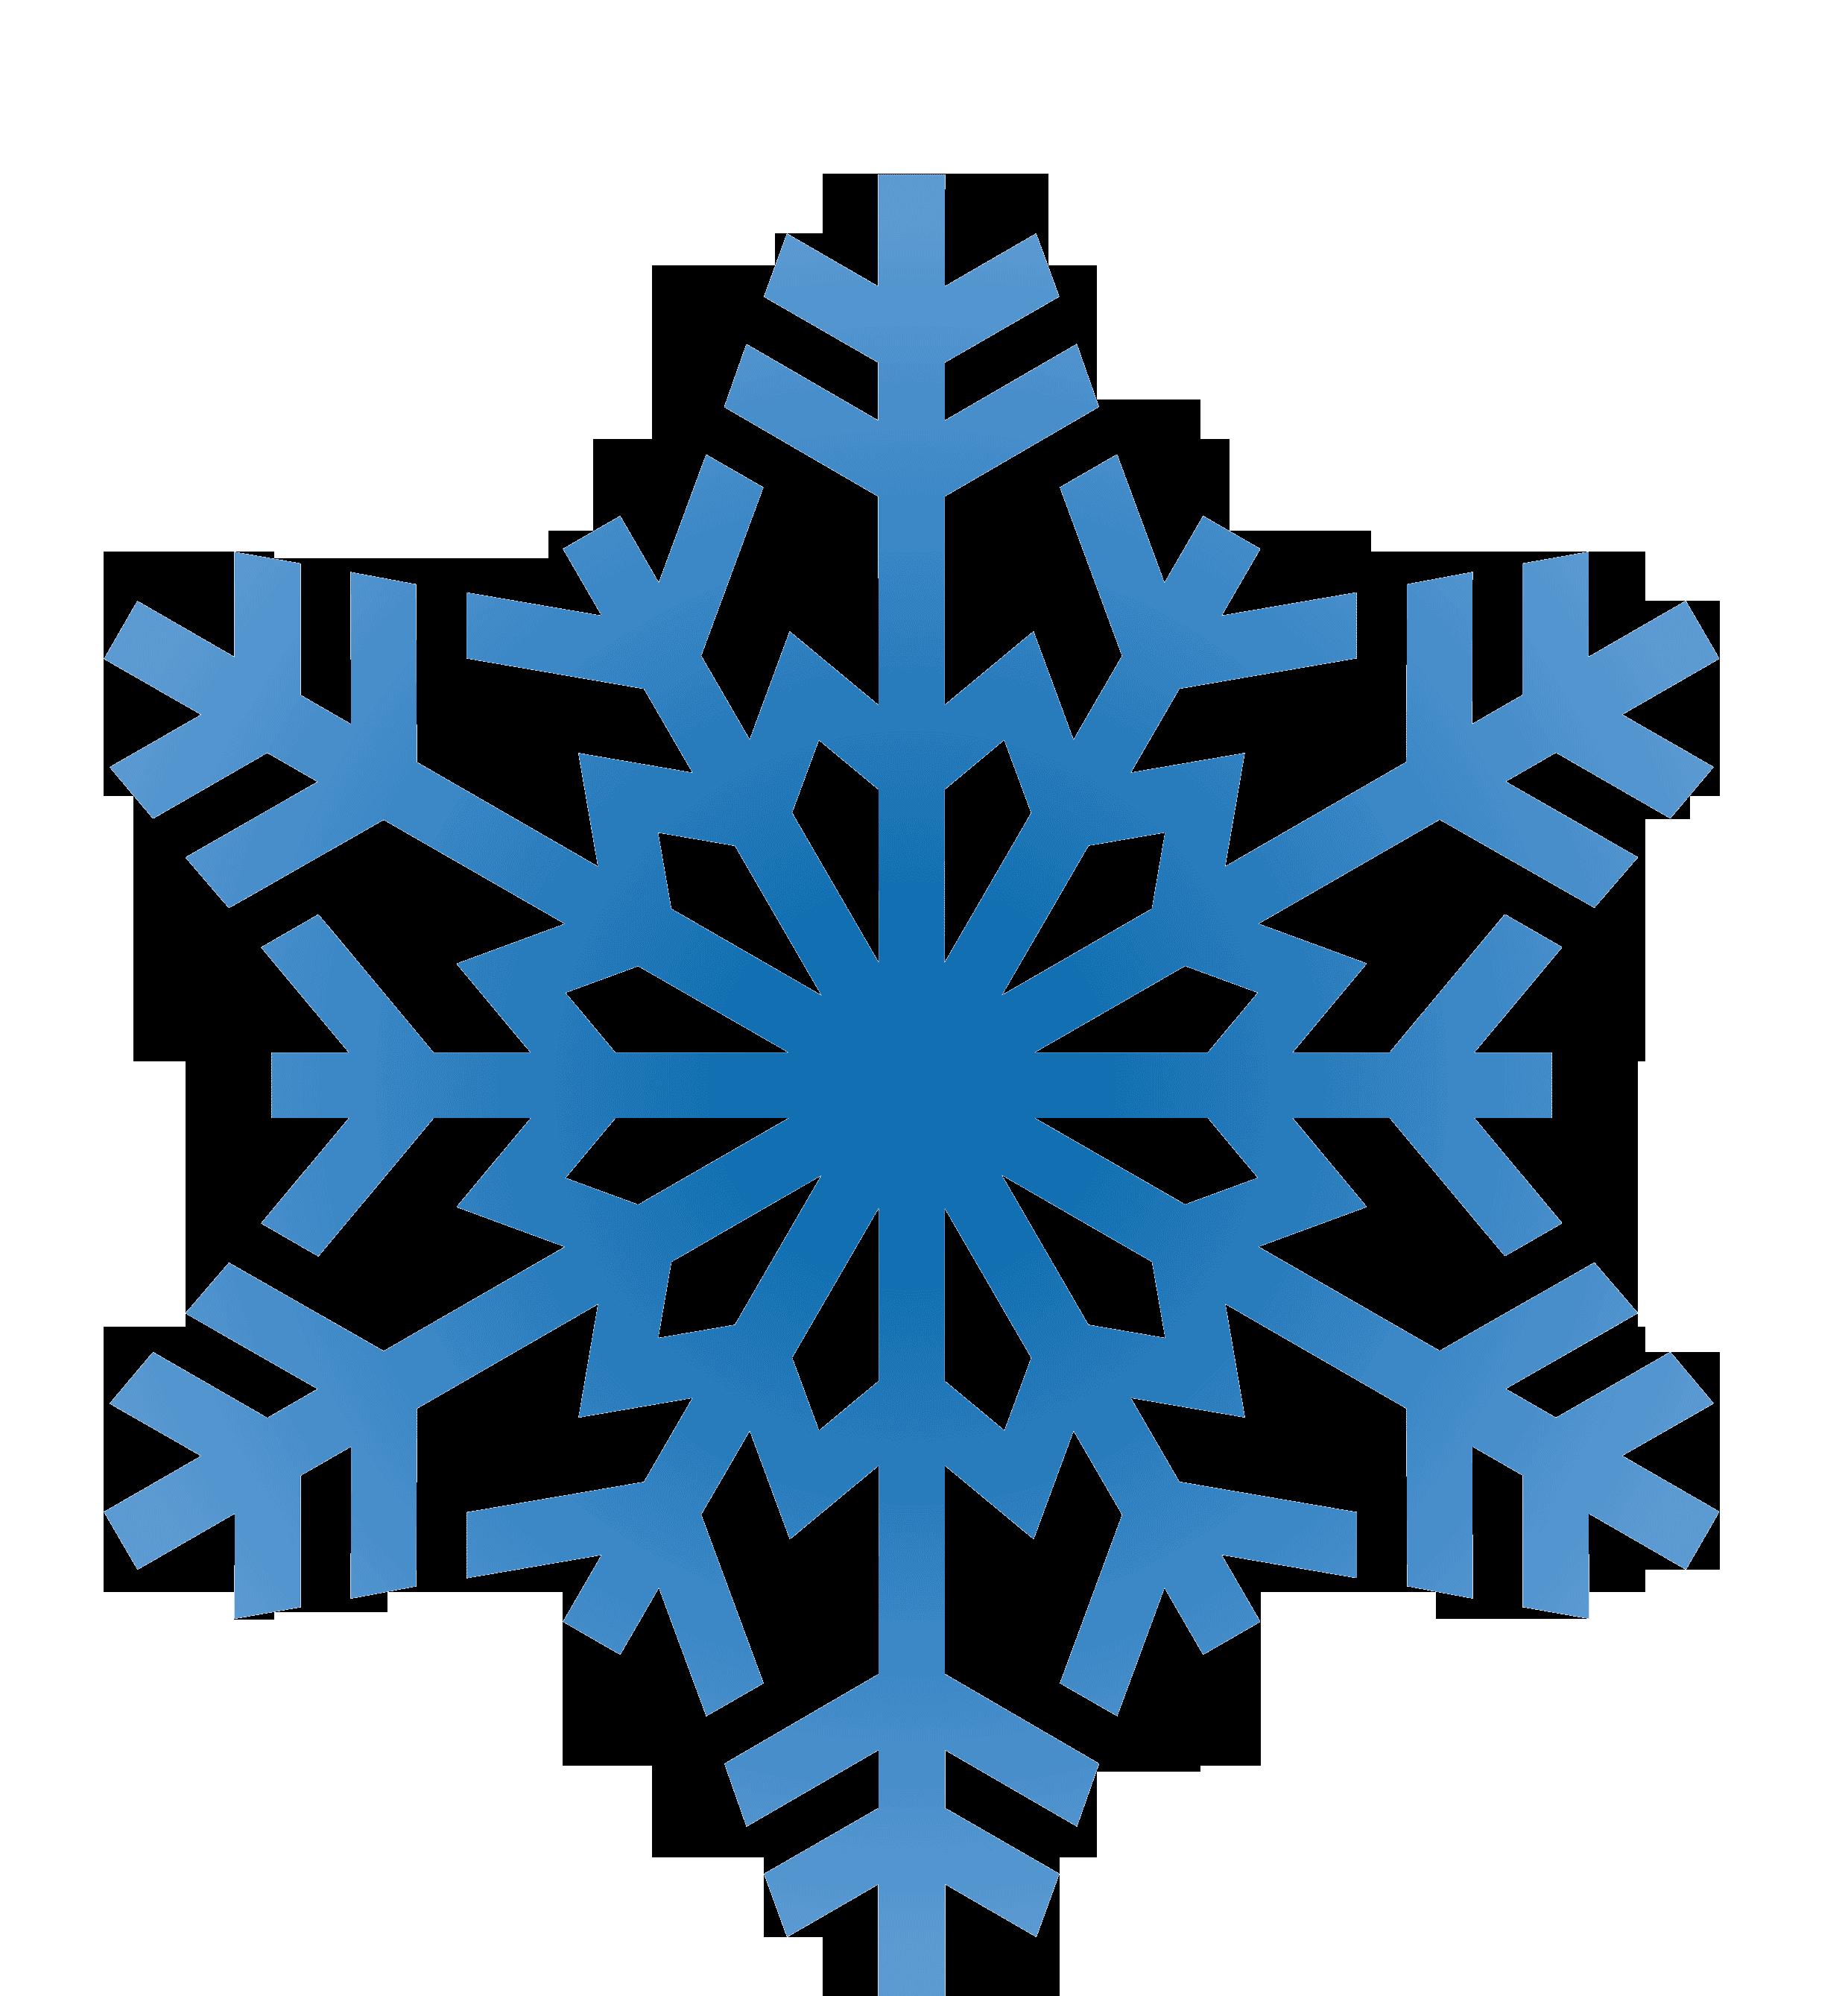 Snowflake Logo Wallpaper